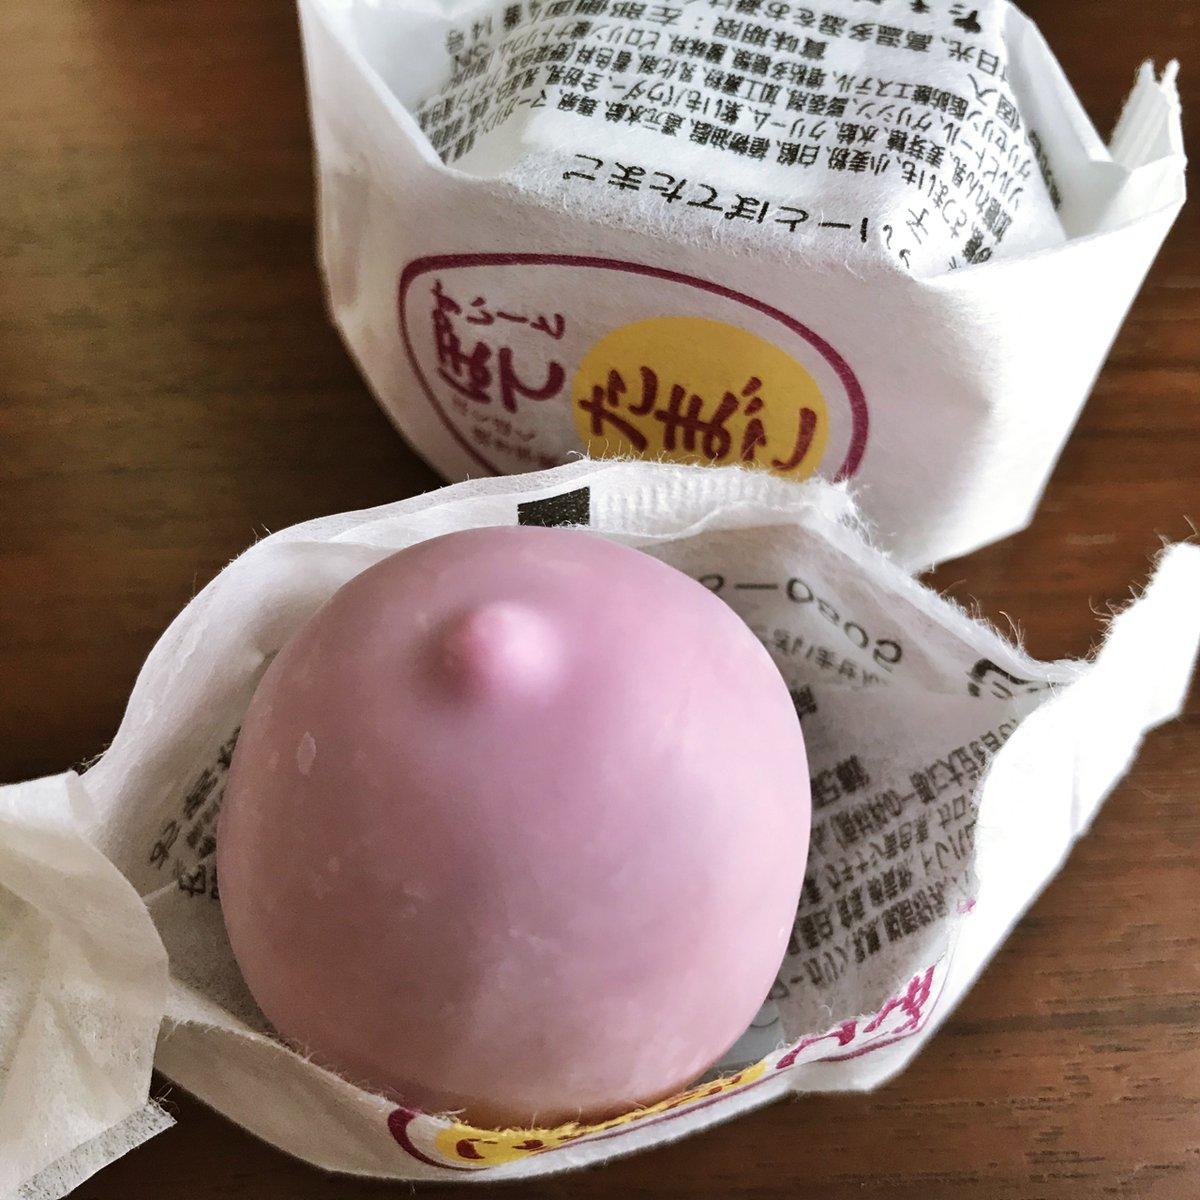 test ツイッターメディア - 美味しいね。 銀座たまや「すいーとぽてたまご」 餡にはバターと生クリーム。 甘いもの好きな方のおみやげに #東京みやげ https://t.co/MhPQRQBrI3